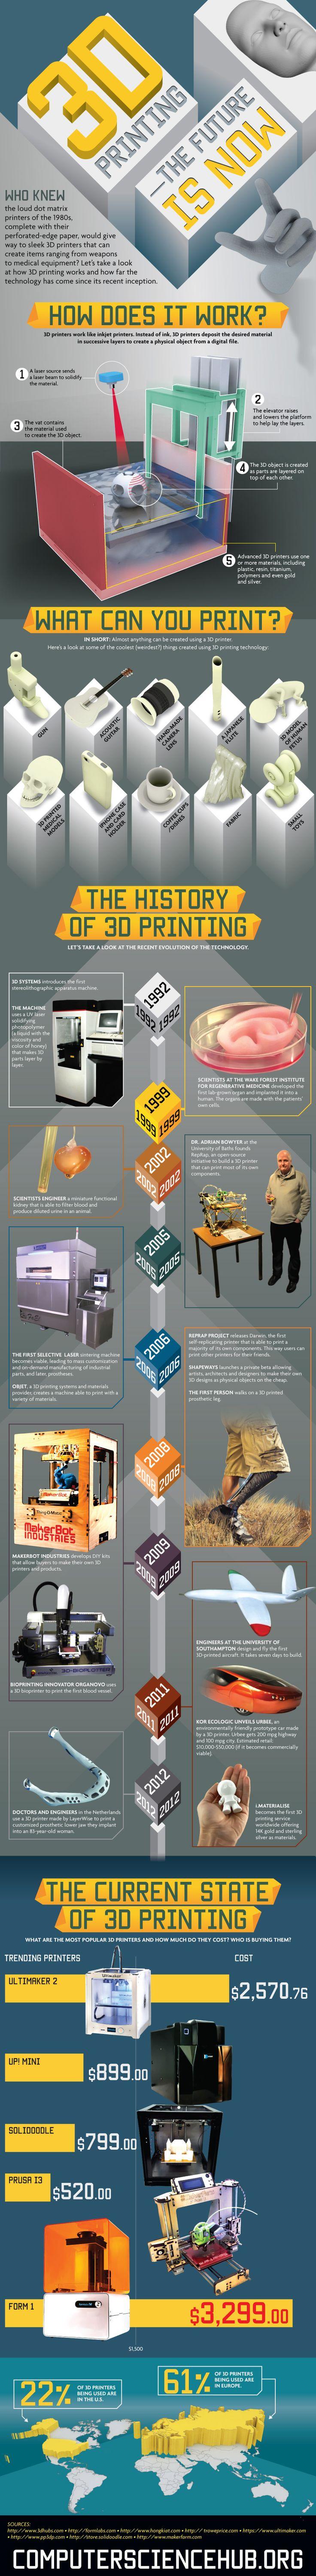 3D-Druck beschäftigt mich gerade beruflich sehr. Diese Infografik ermöglicht einen guten Einstieg ins Thema. (Future Tech Technology)